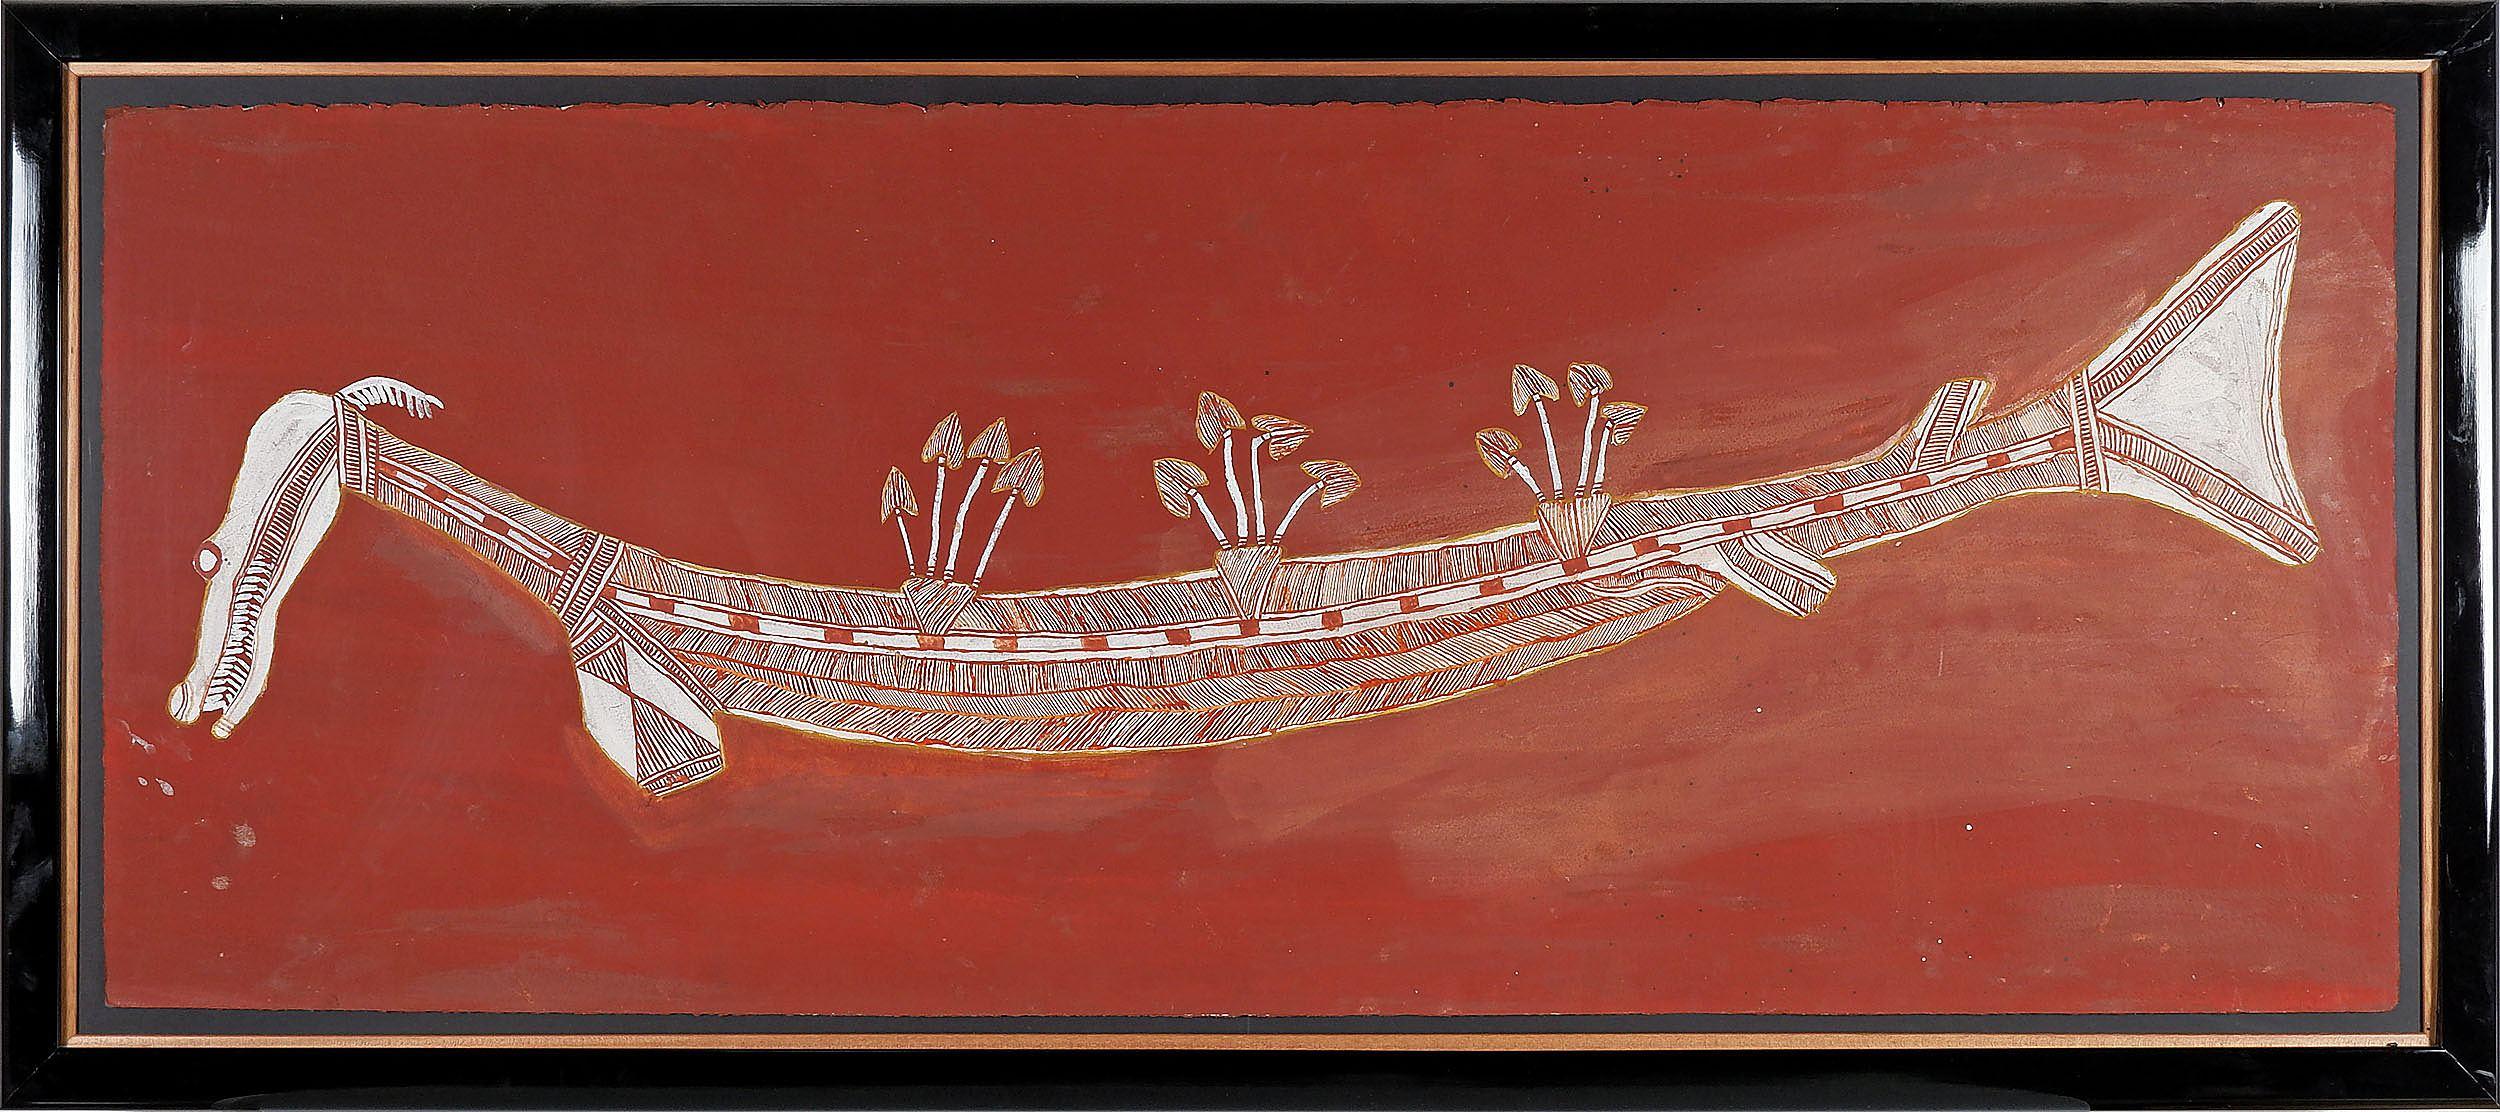 'Lofty Nabardayal Nadjamerrek (1926-2009) Ngalyod Djang The Rainbow Serpent, Natural Earth Pigments on Paper'